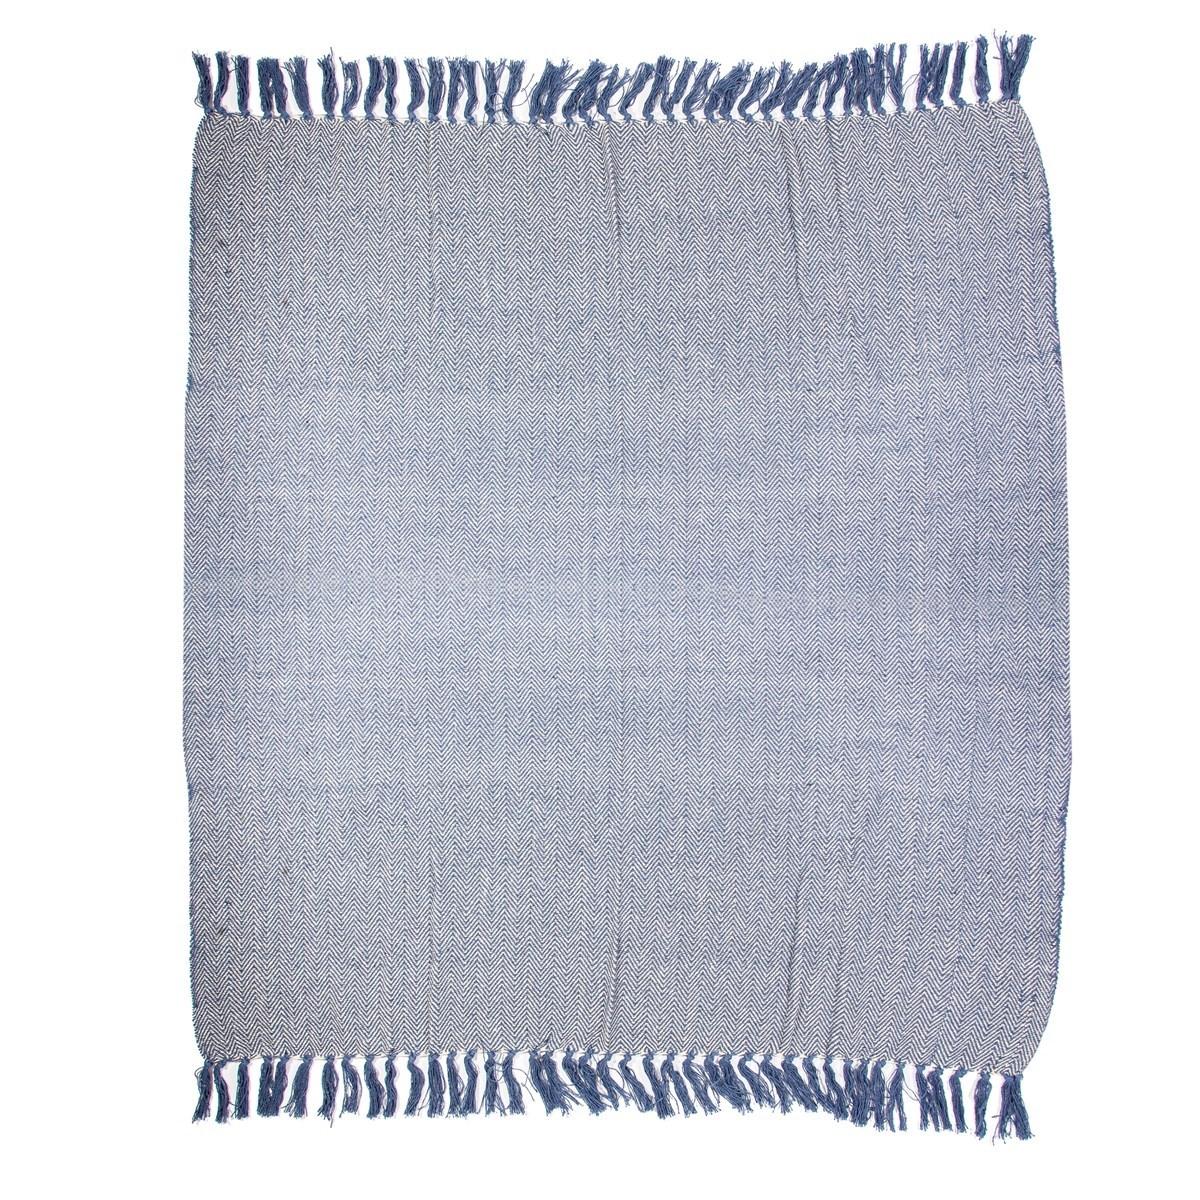 Modrý bavlněný pléd Herringbone 170x130 cm_1